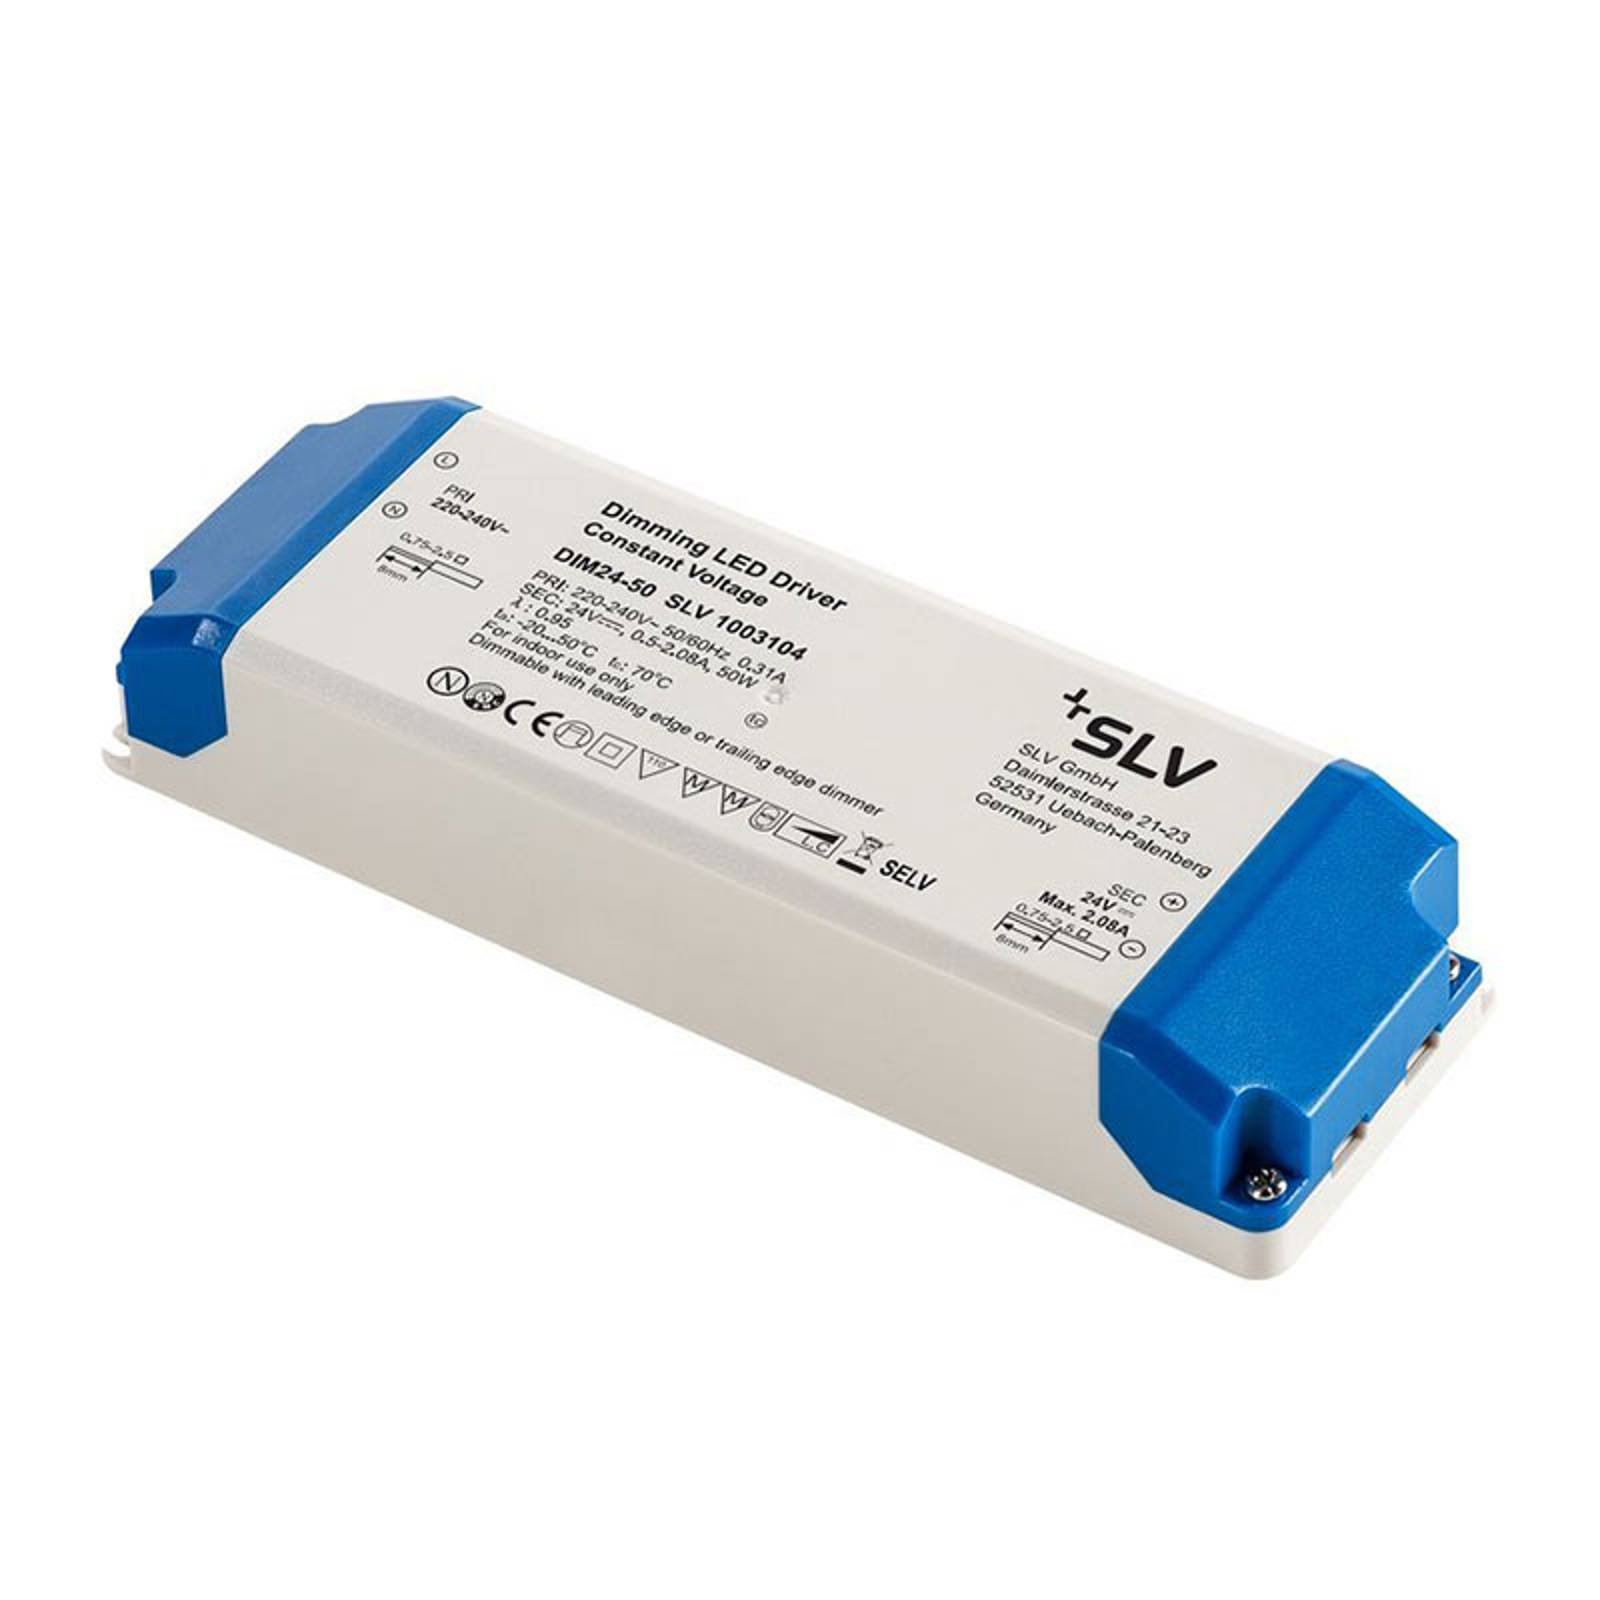 SLV-LED-muuntaja 24V, 50W, TRIAC-himmennys